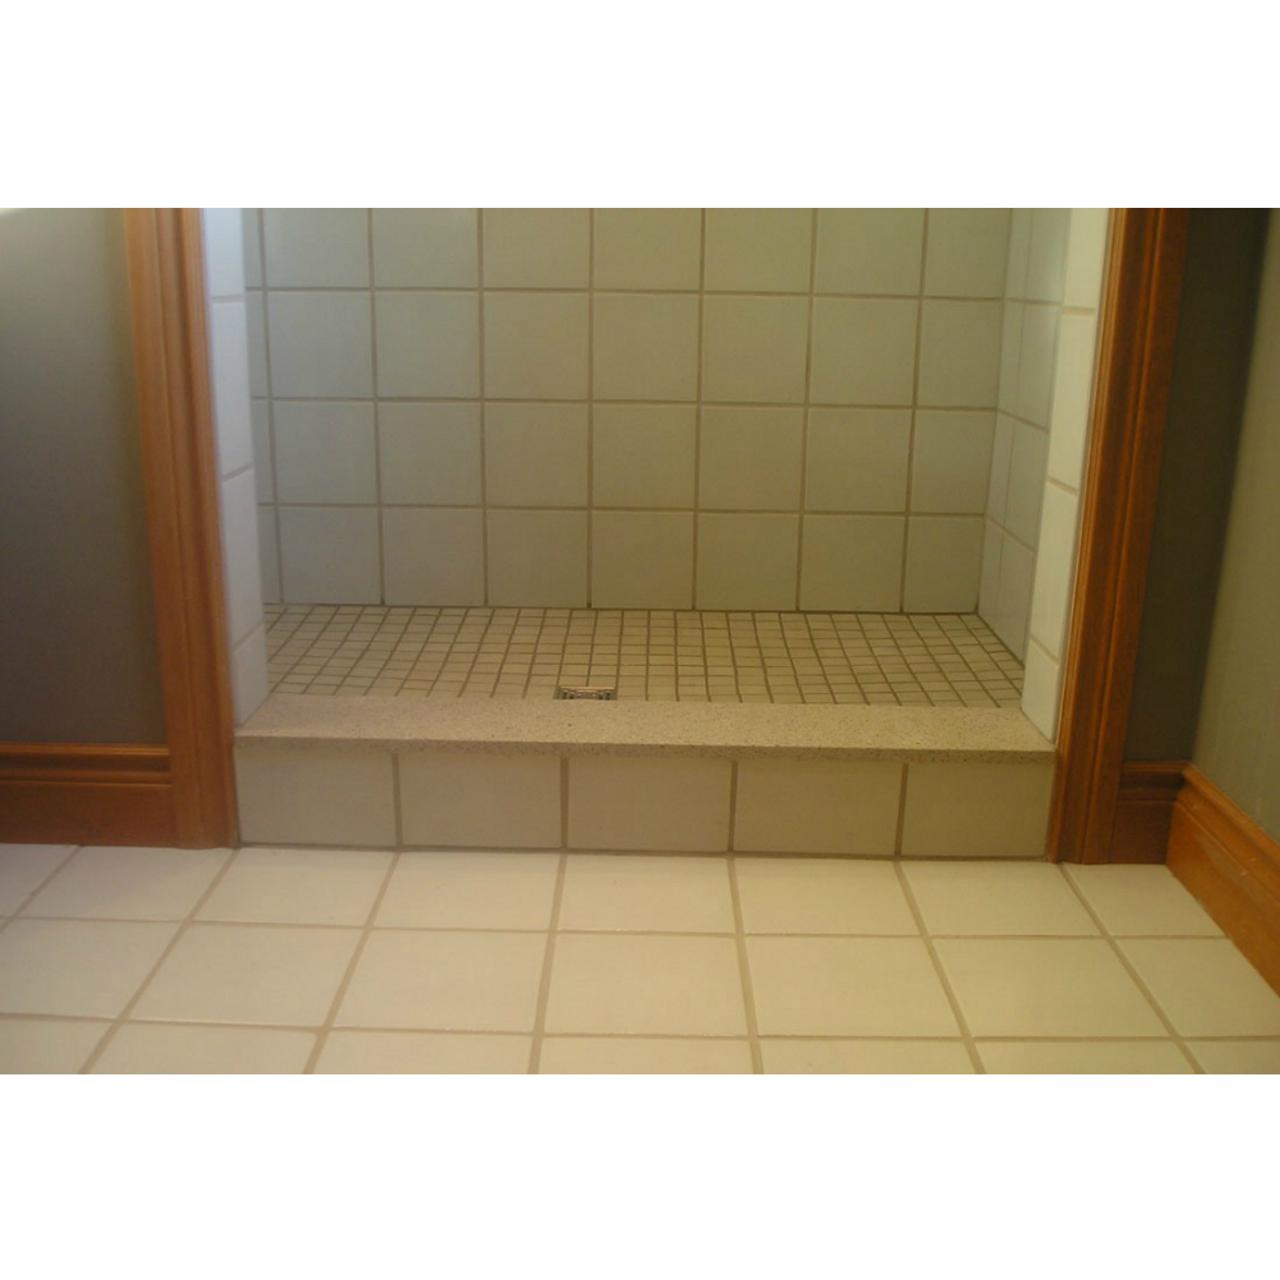 Tile Shower Decorative Accessories